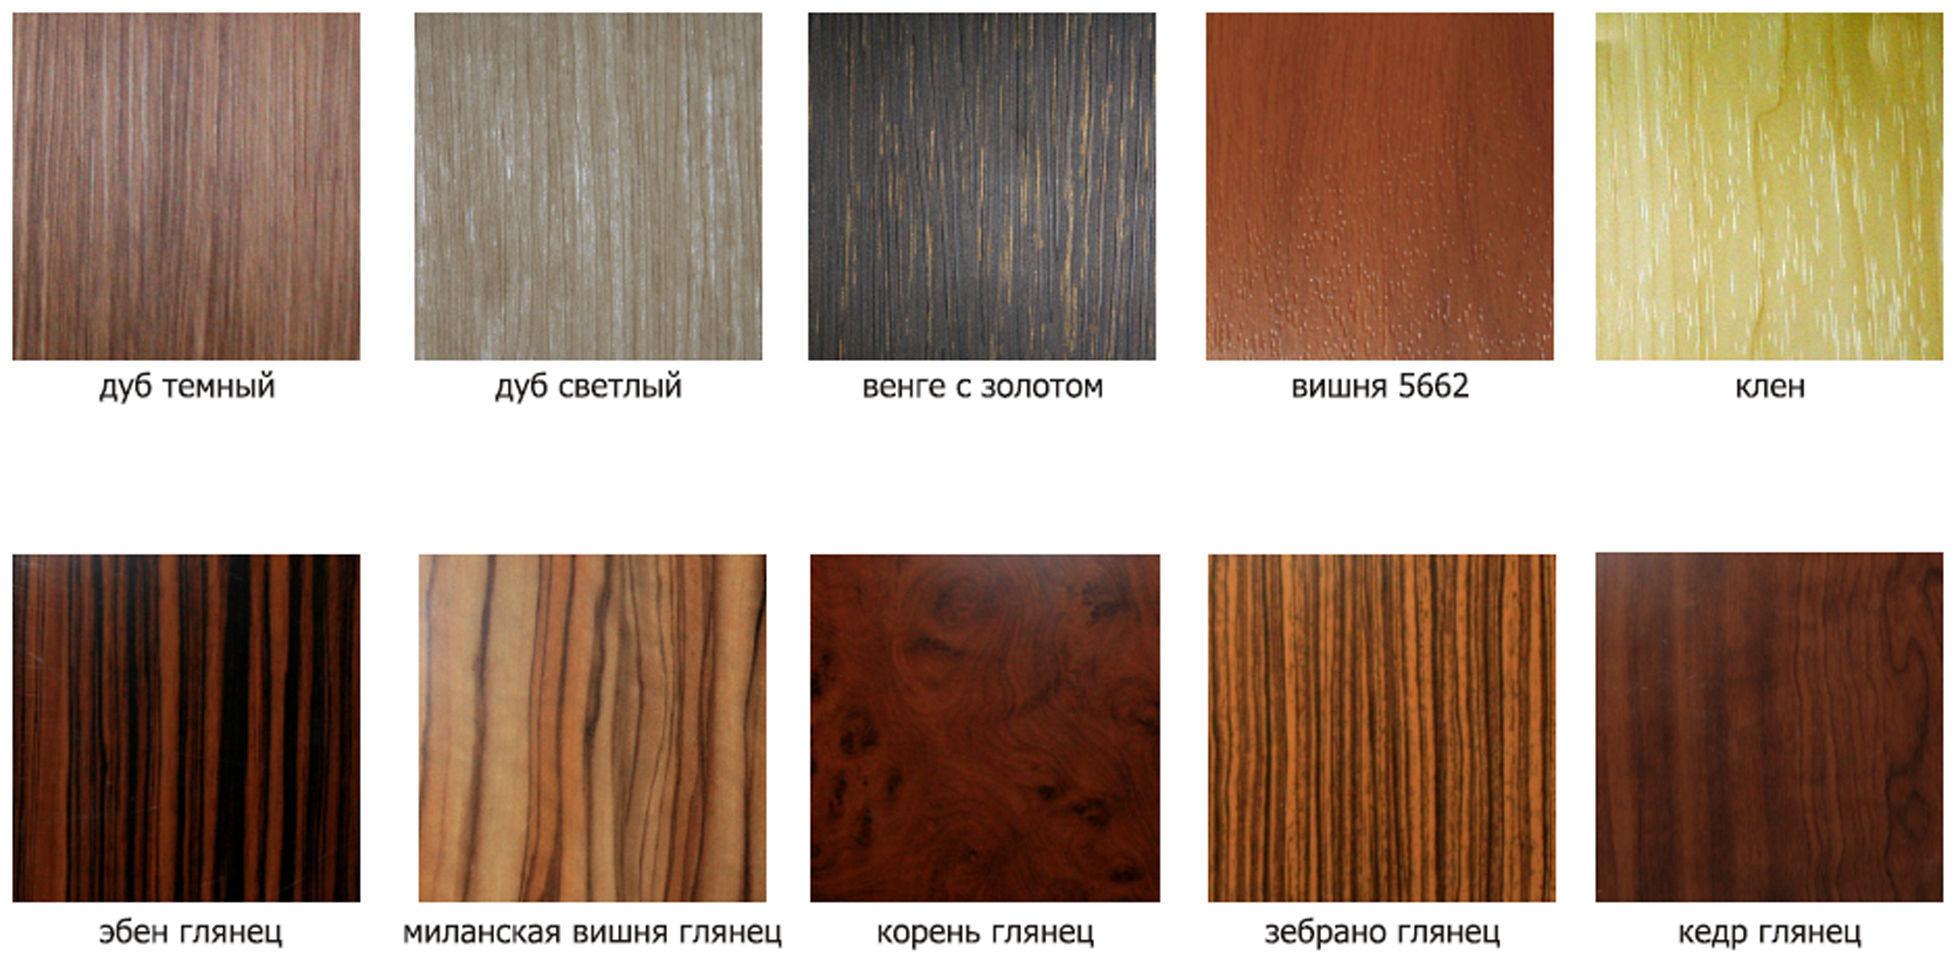 Варианты цвета и рельефа МДФ покрытий